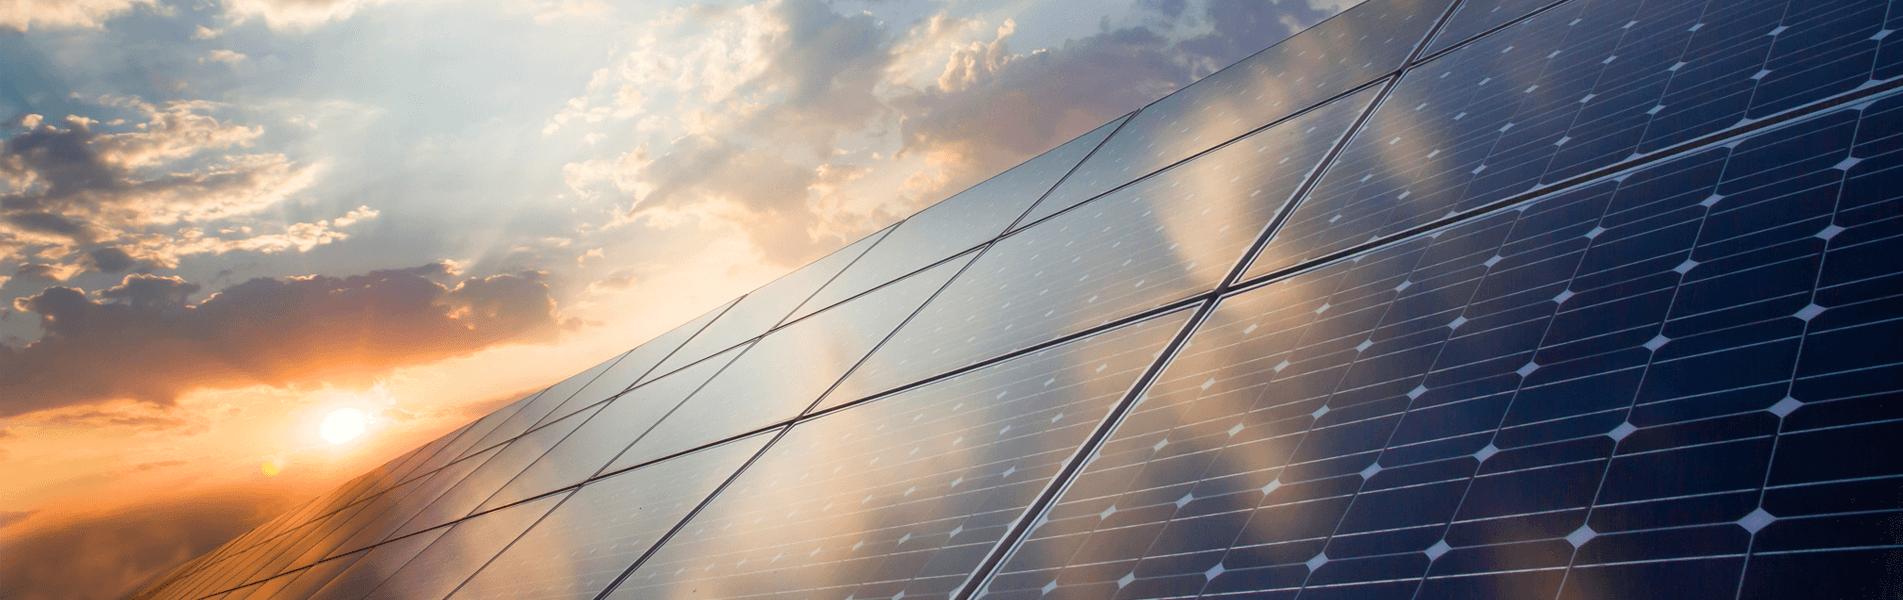 Thu năng lượng mặt trời